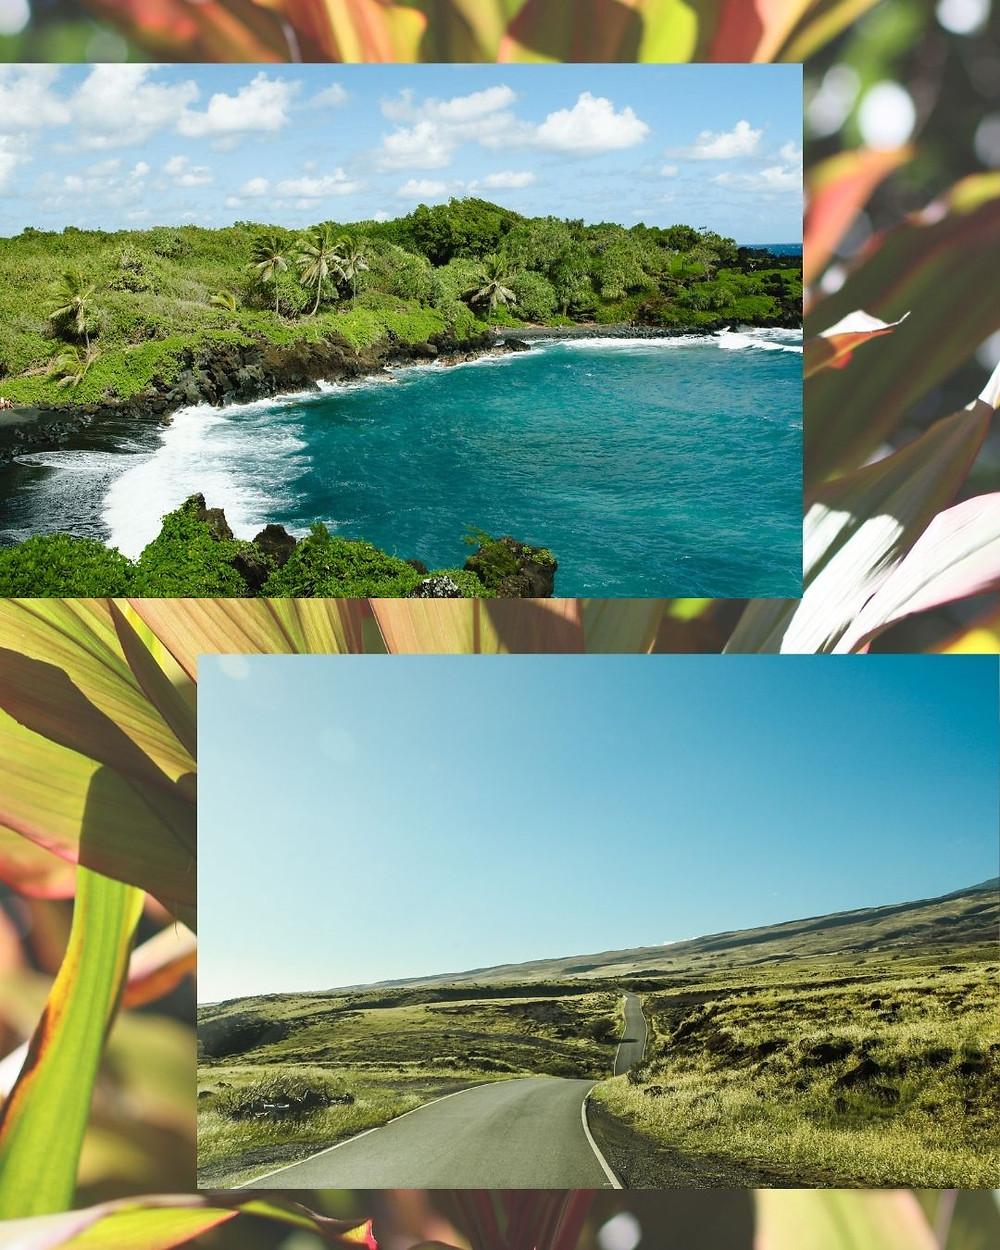 マウイ島旅行、おススメ観光スポット、ブラックサンドビーチ